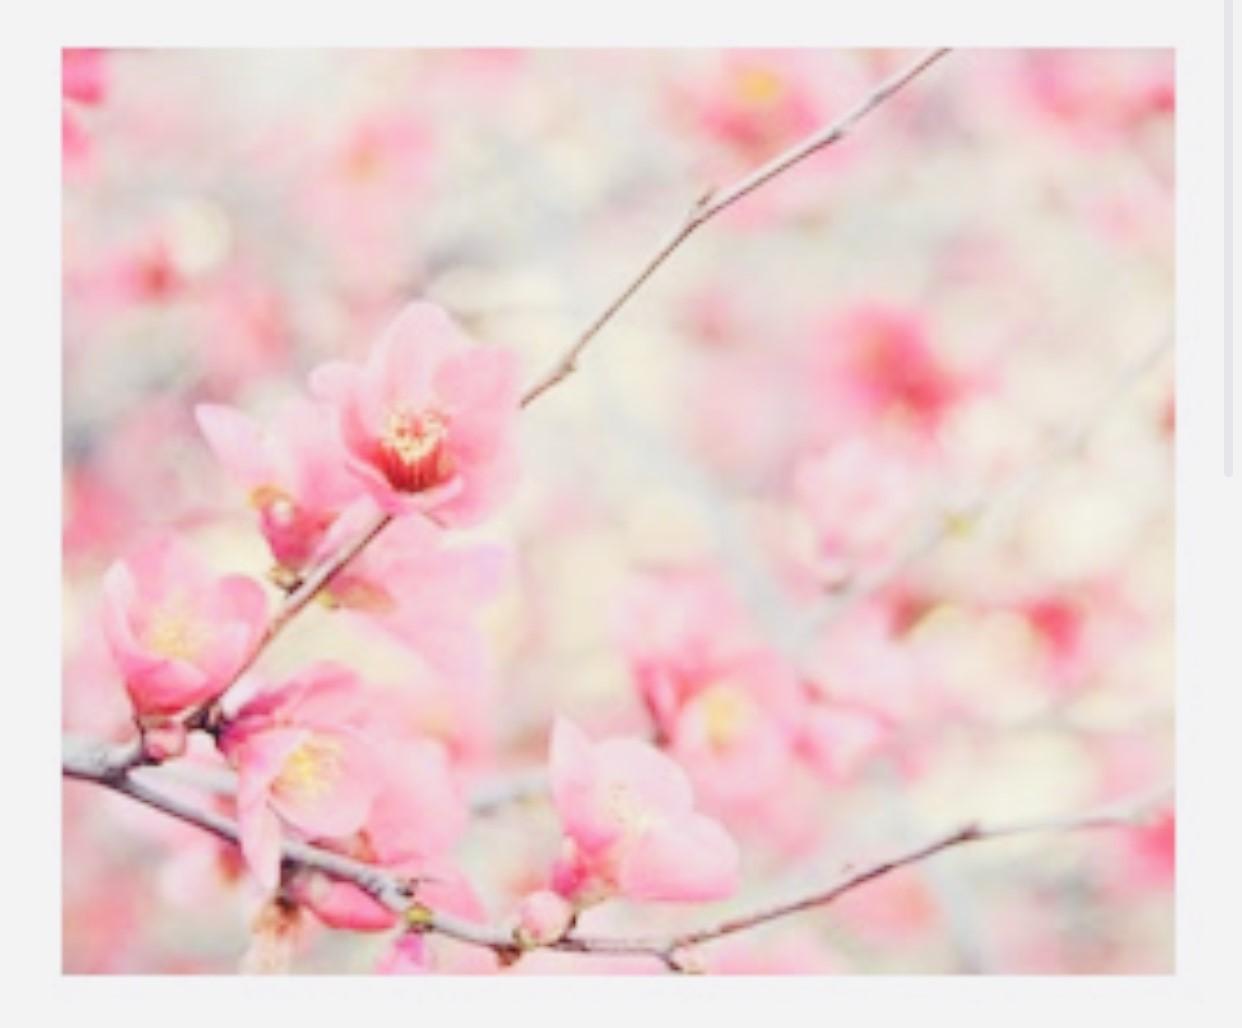 Jeder Frühling trägt den Zauber eines Anfangs in sich.